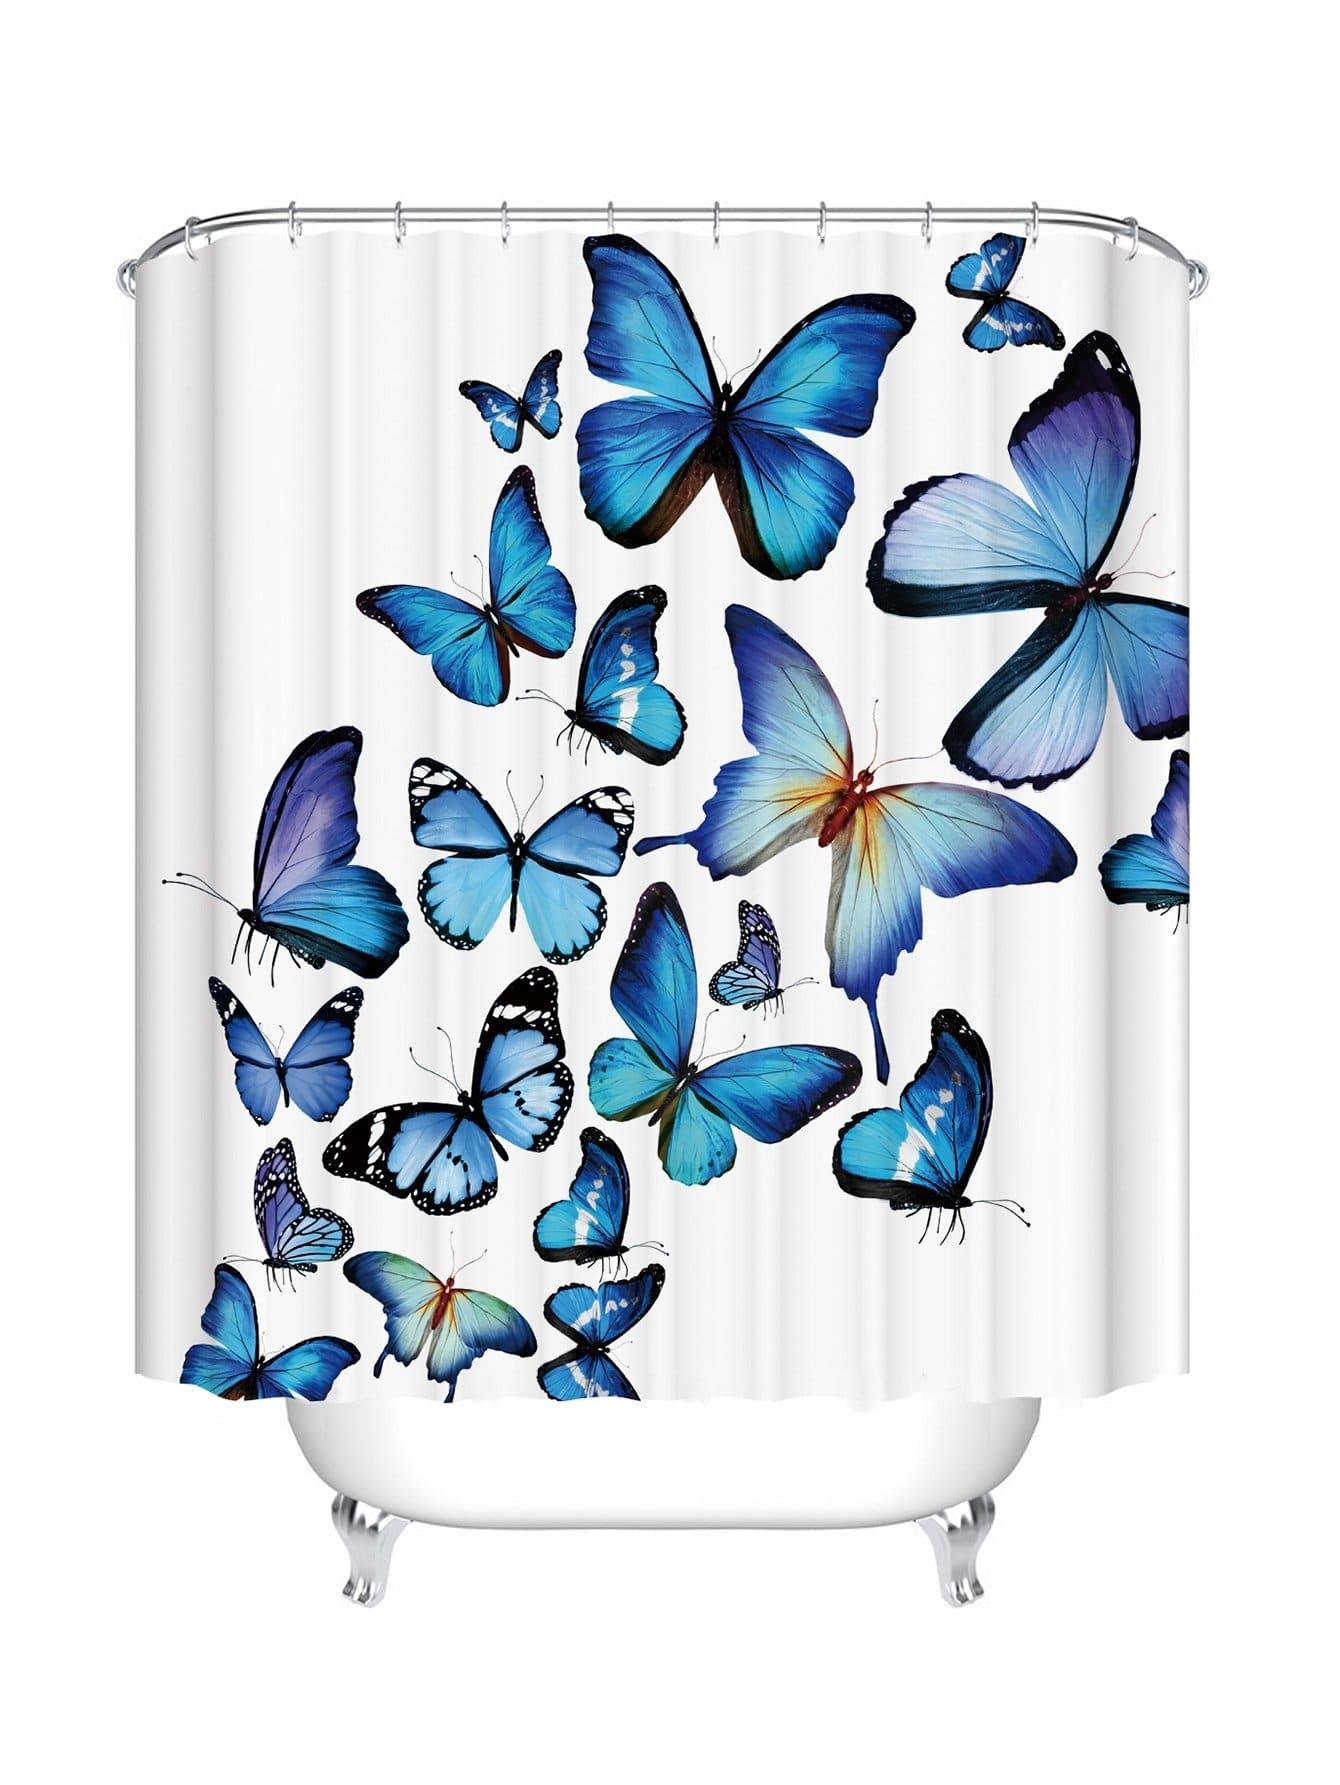 Duschvorhang mit Schmetterlingmuster 12pcs Haken